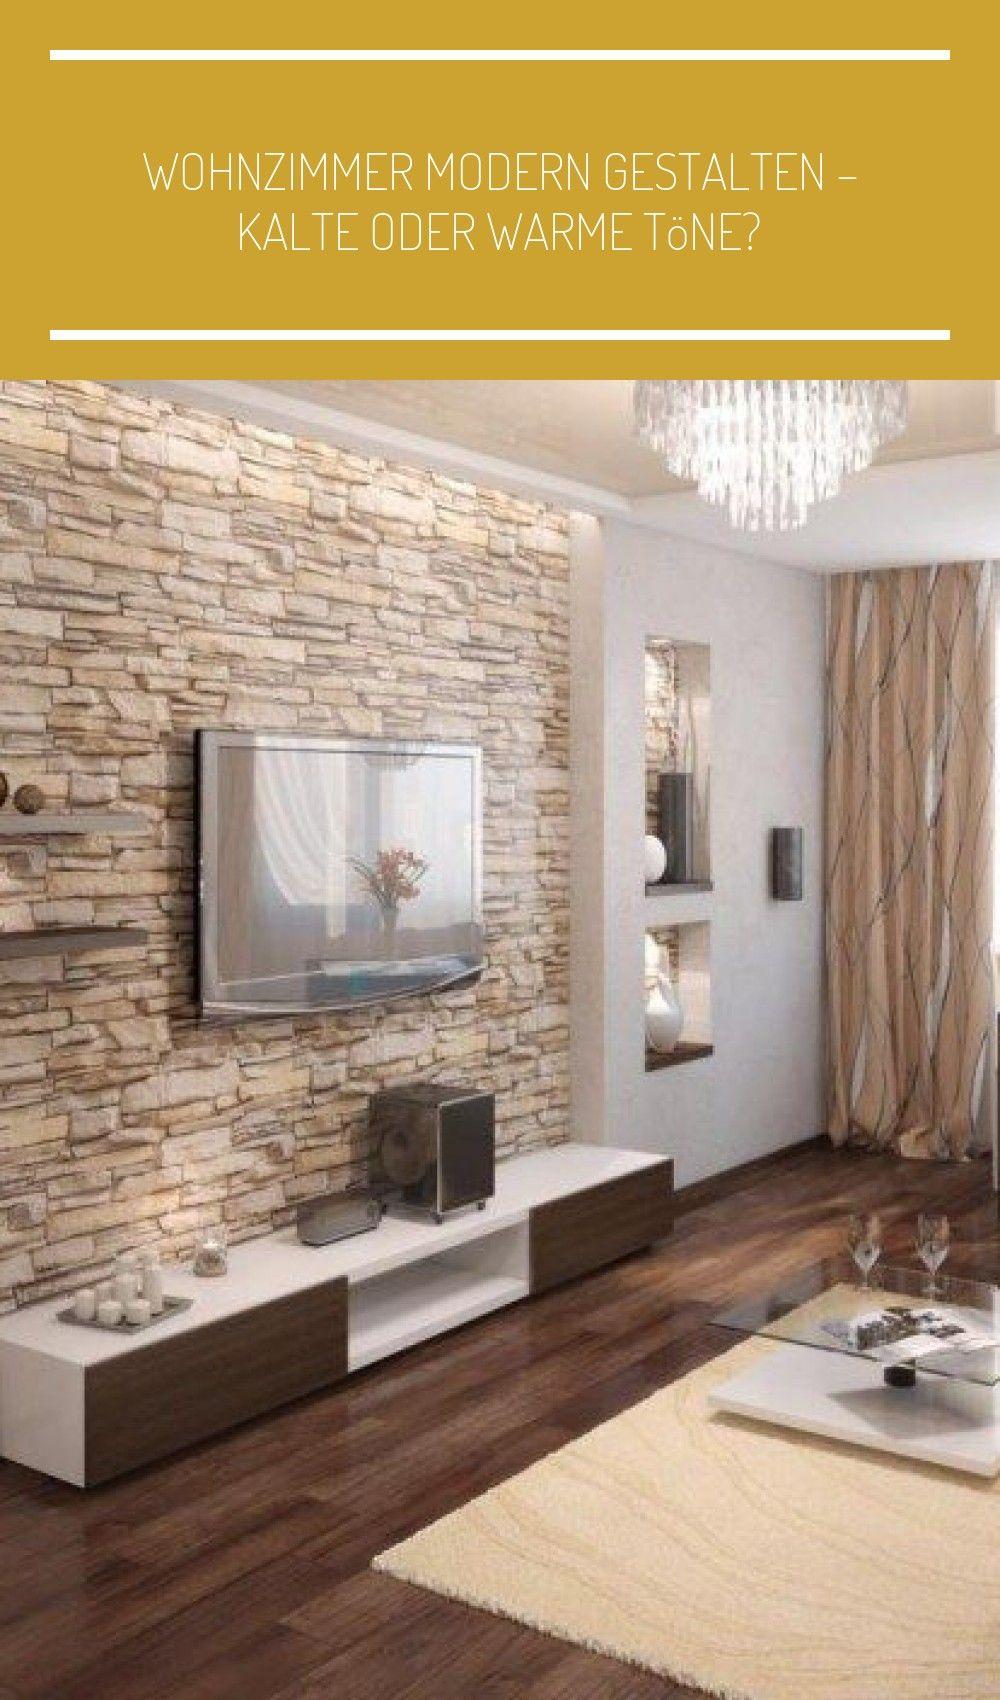 Natursteinwand im Wohnzimmer und warme beige Nuancen #Renovierung